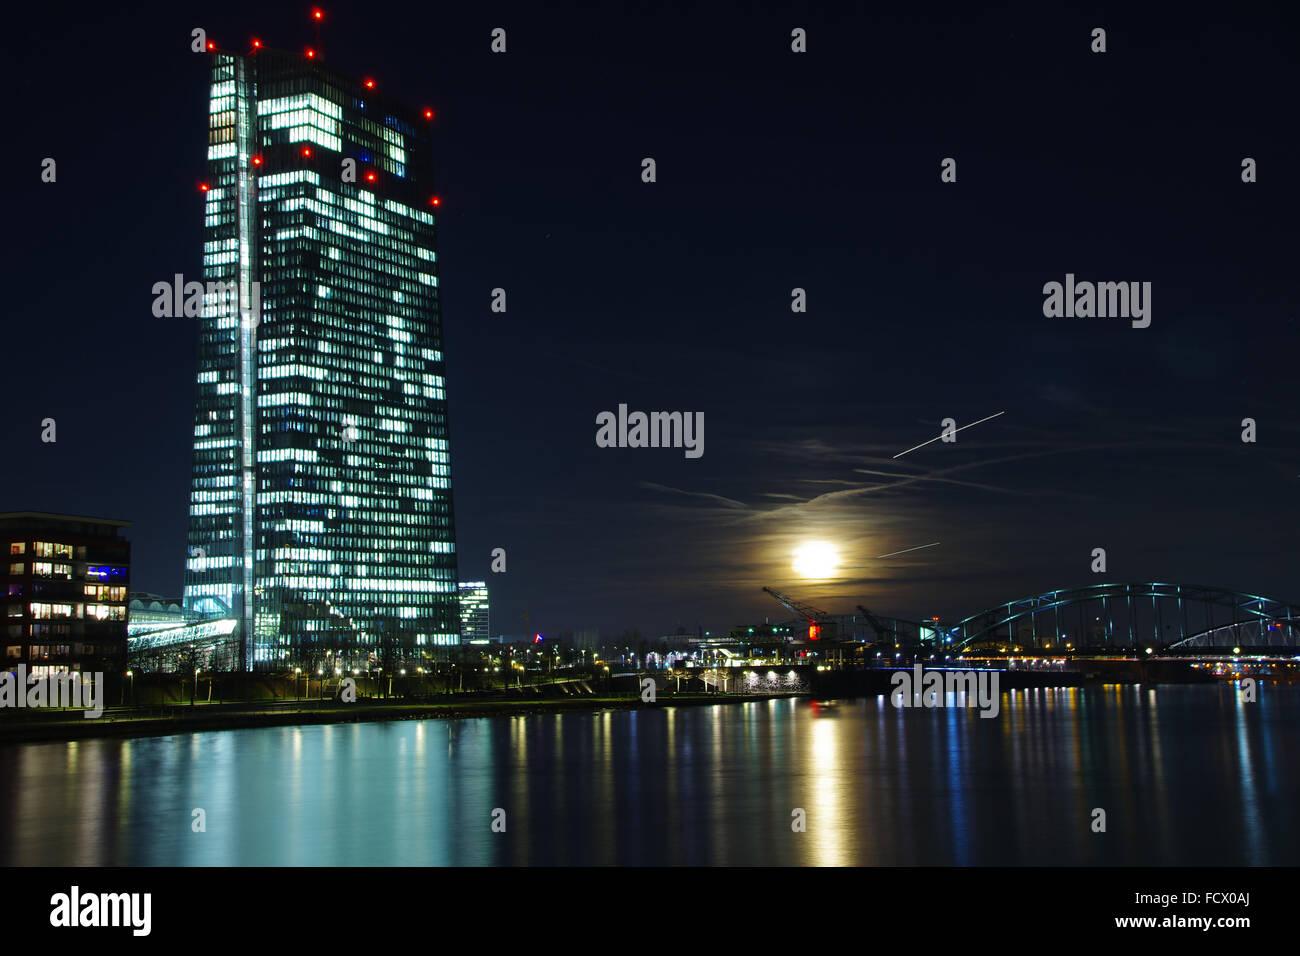 European Central Bank, - Stock Image